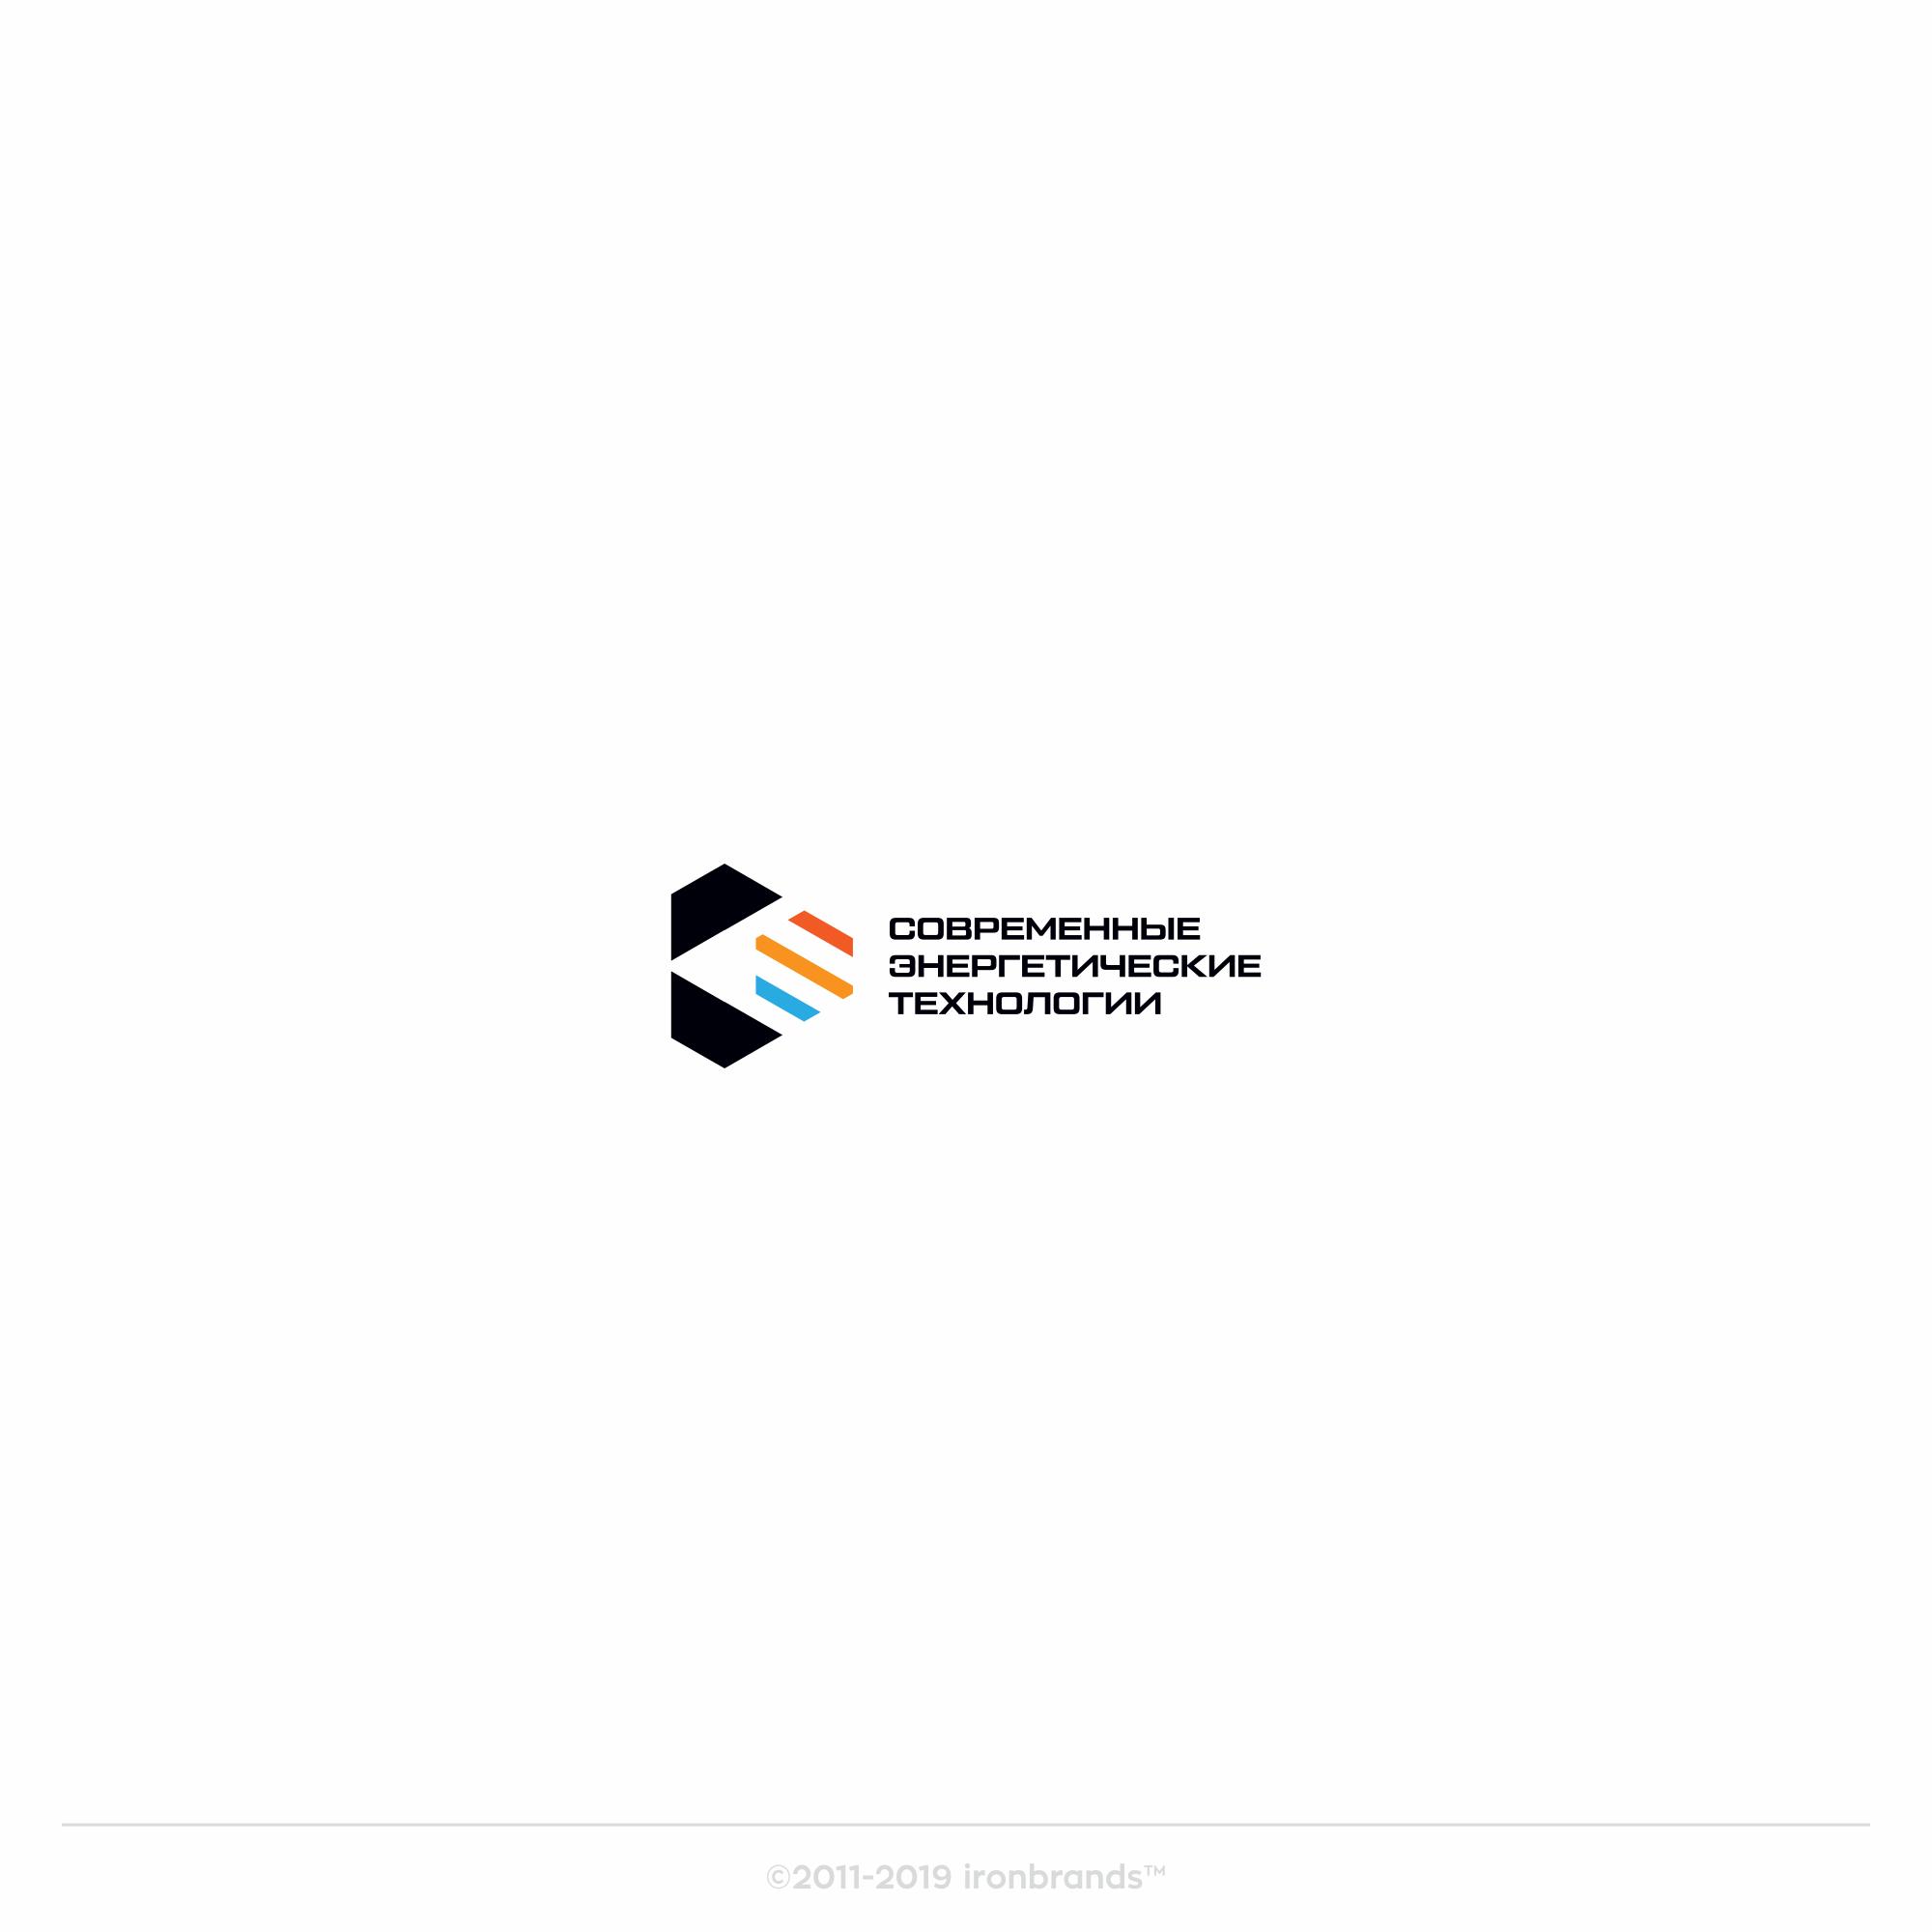 Срочно! Дизайн логотипа ООО «СЭТ» фото f_4495d53c120b7dbc.jpg